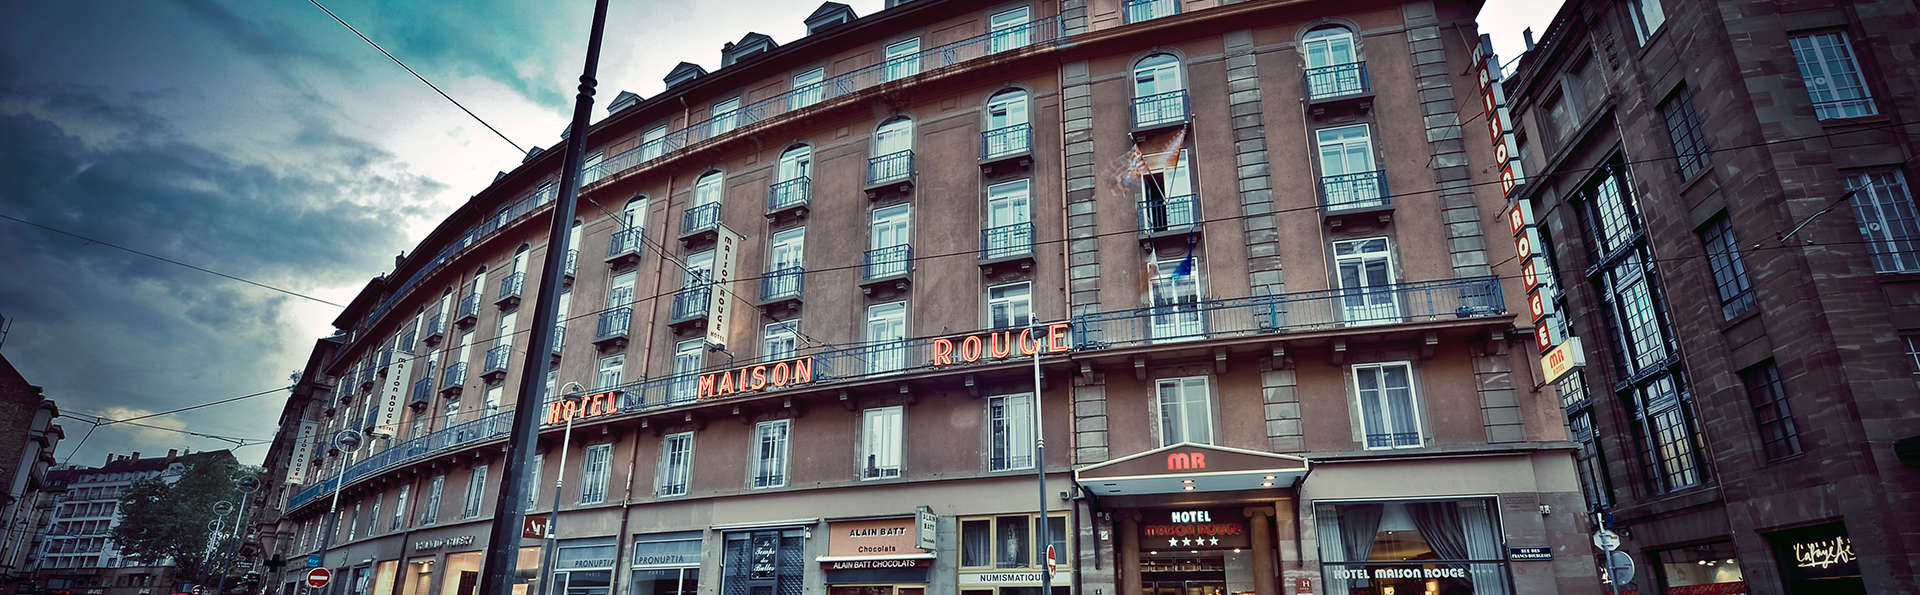 Hôtel Maison Rouge - edit_front.jpg